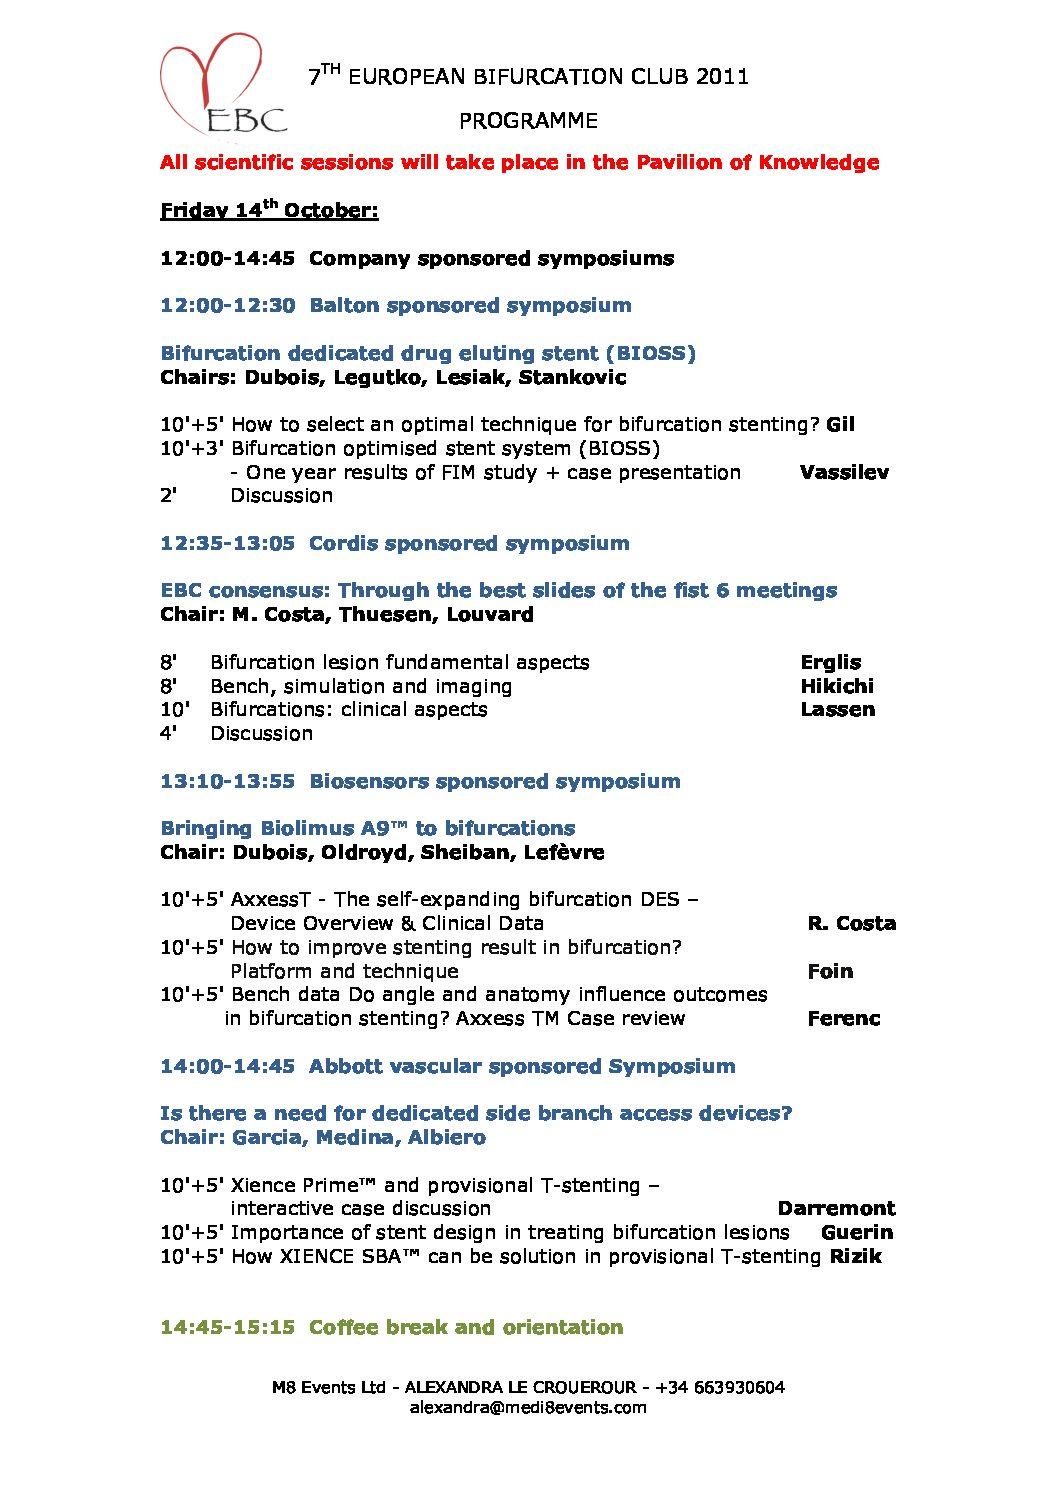 EBC 2011 – Programme